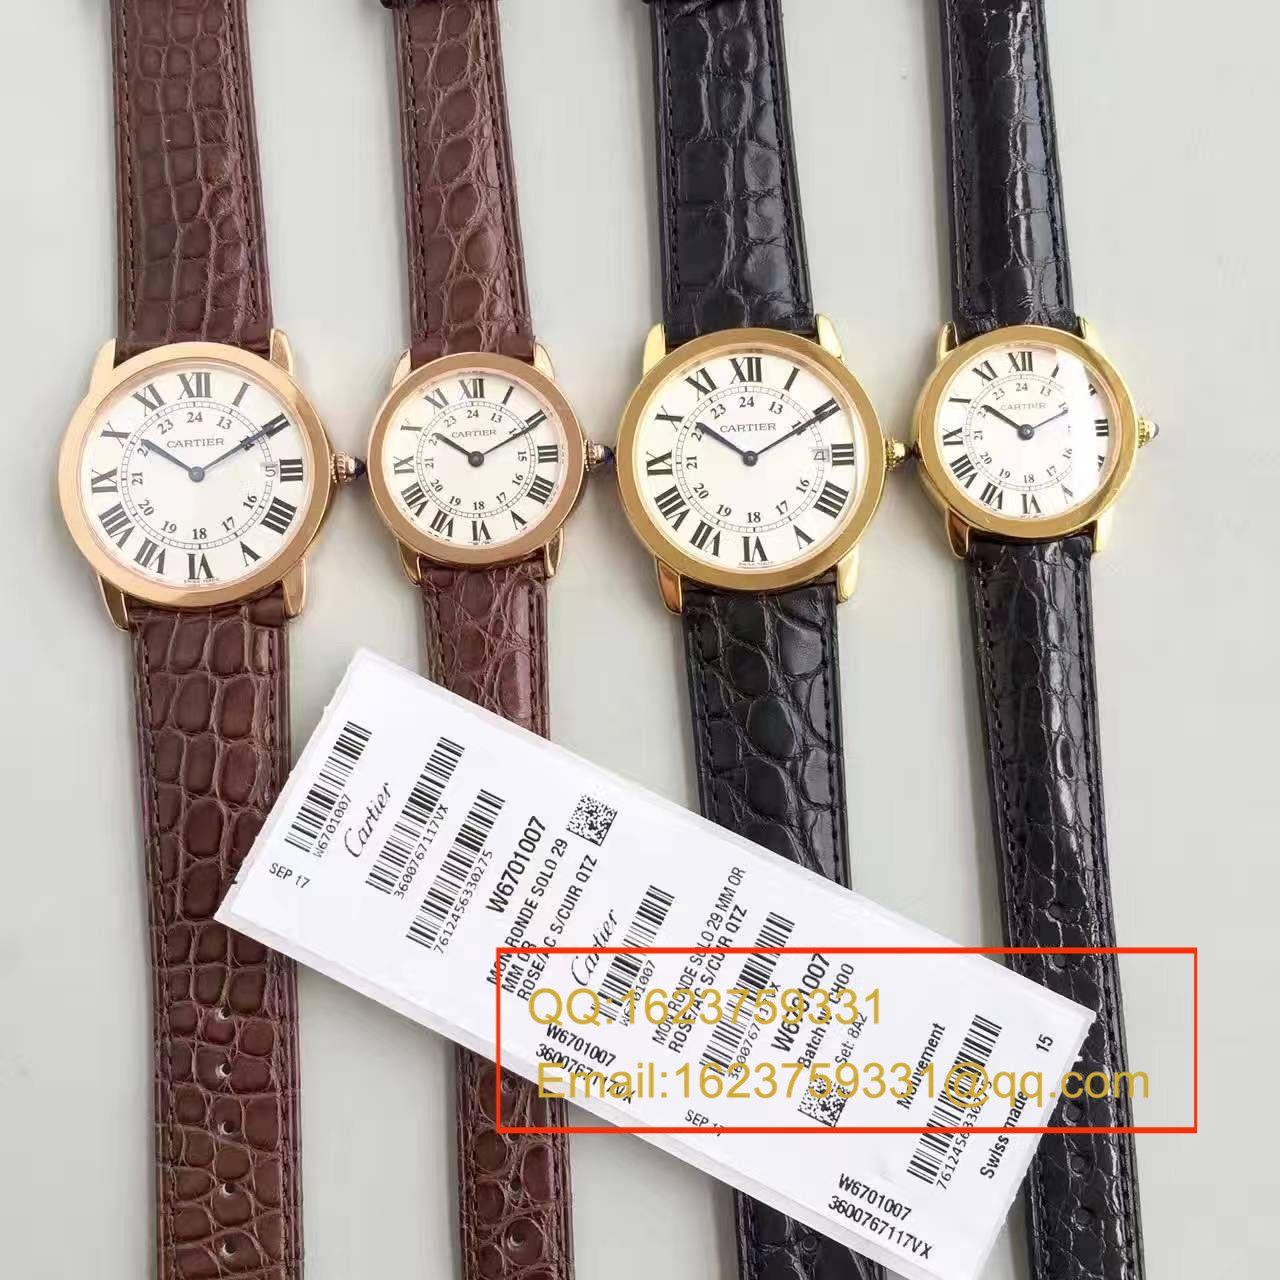 【独家视频测评K11厂1:1超A高仿手表】卡地亚伦敦SOLO系列W6700355和W6700455女表 / KAD080